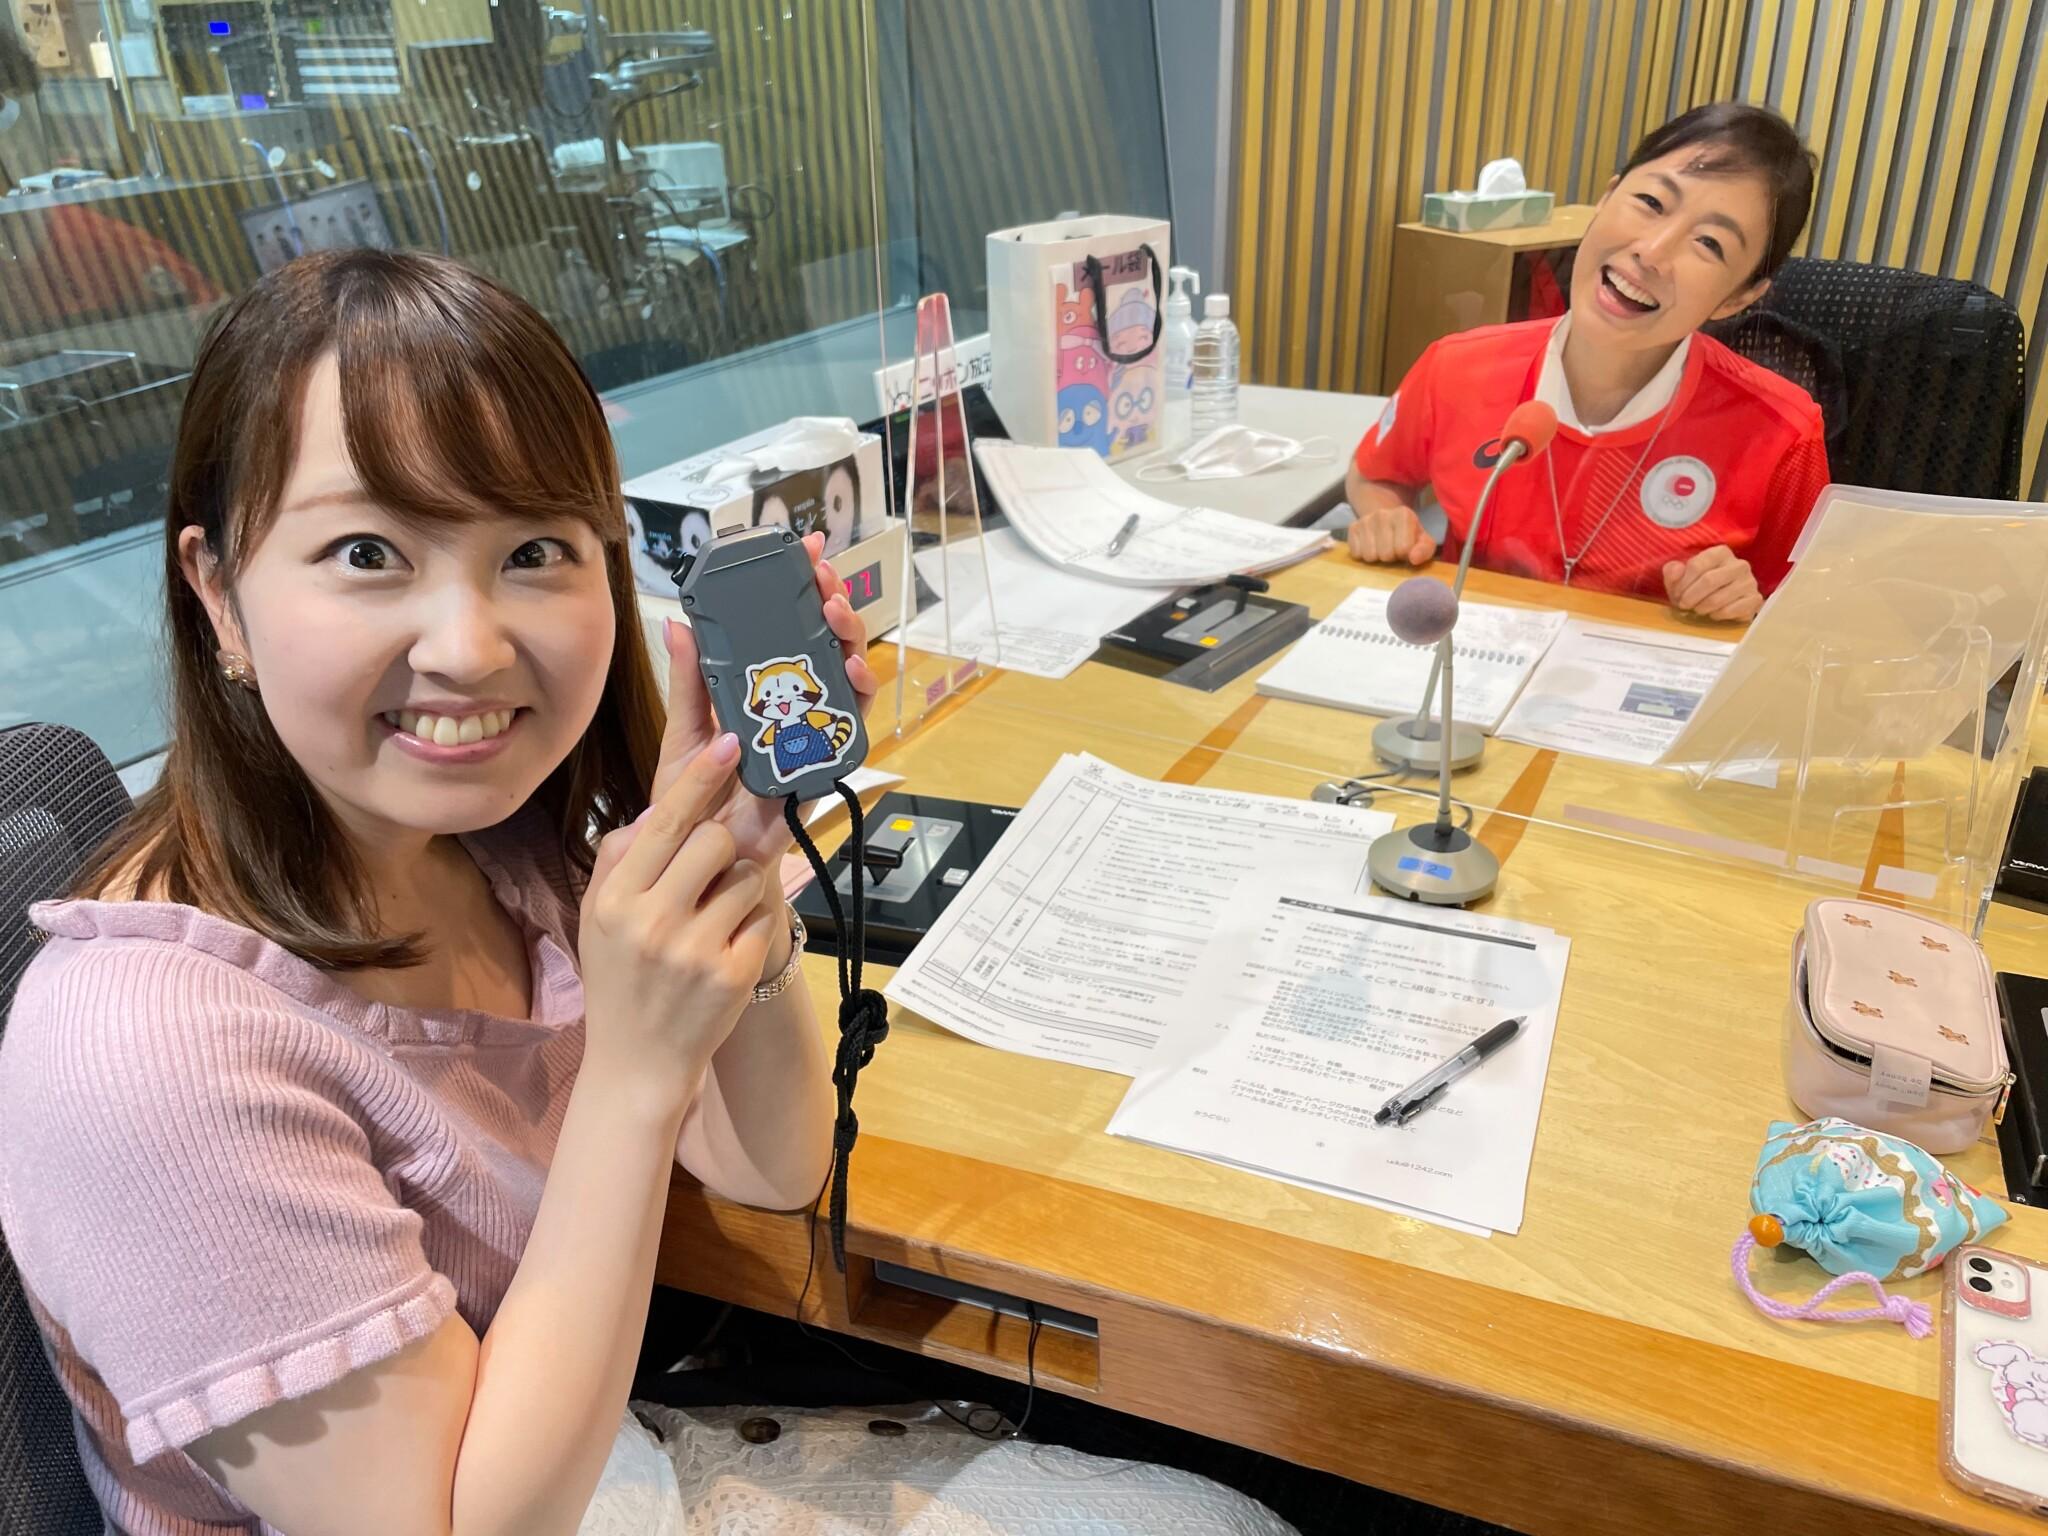 ニッポン放送うどうのらじお有働由美子